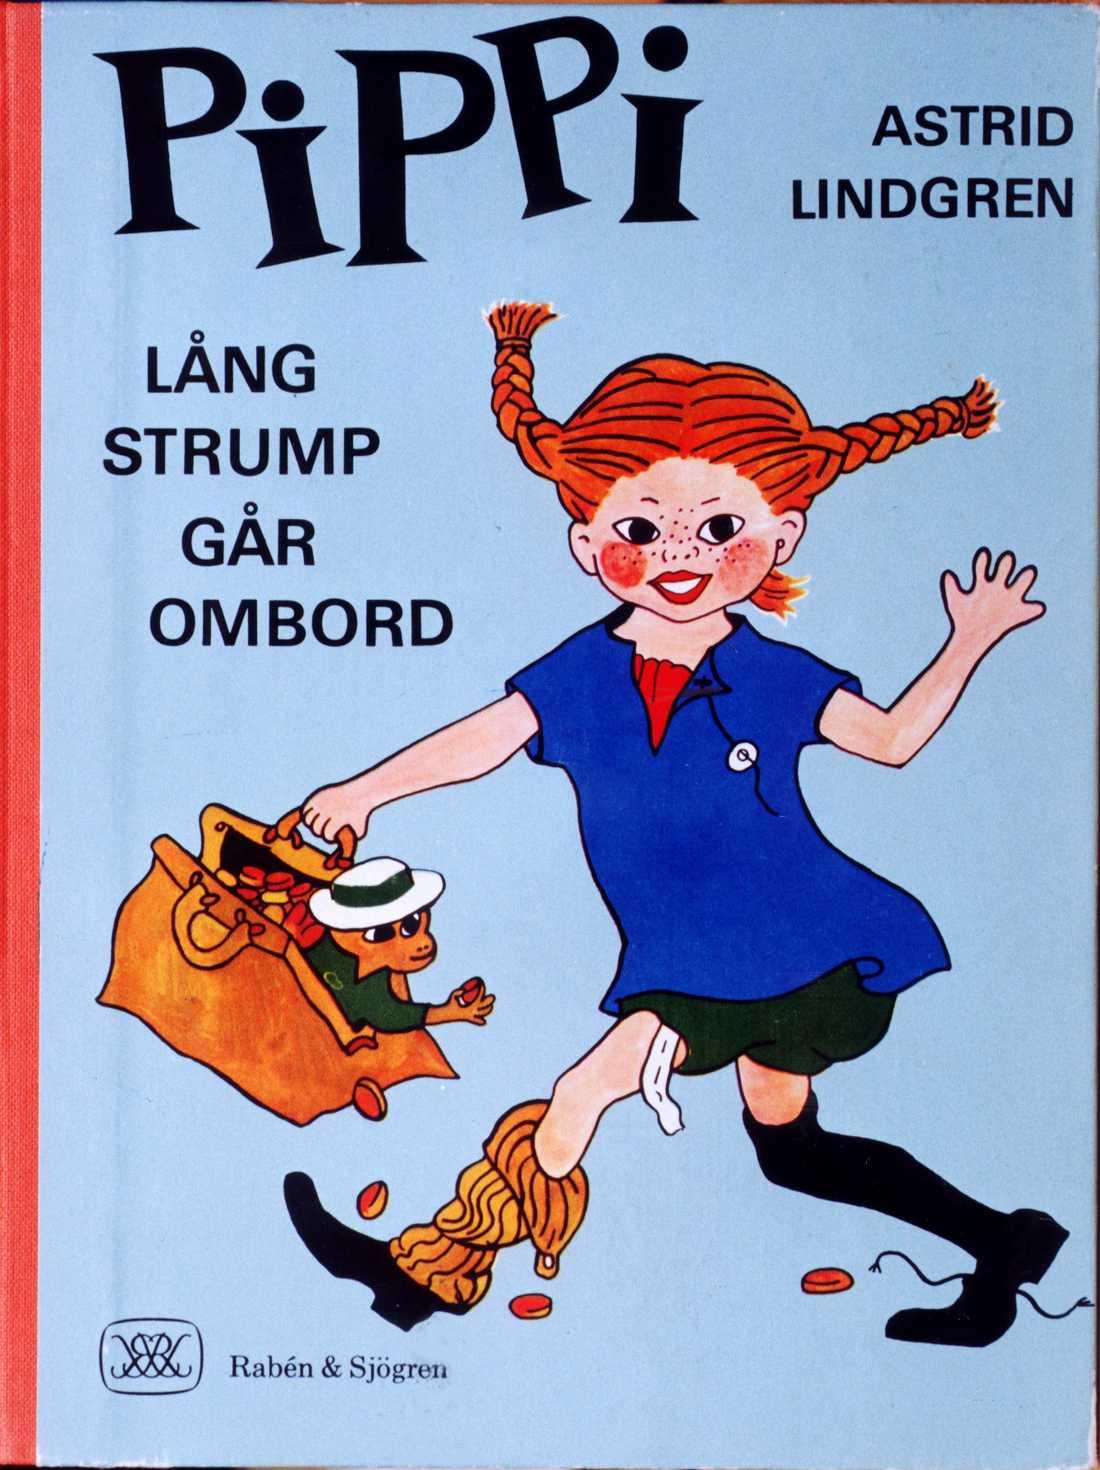 Pippi Långstrump går ombord.